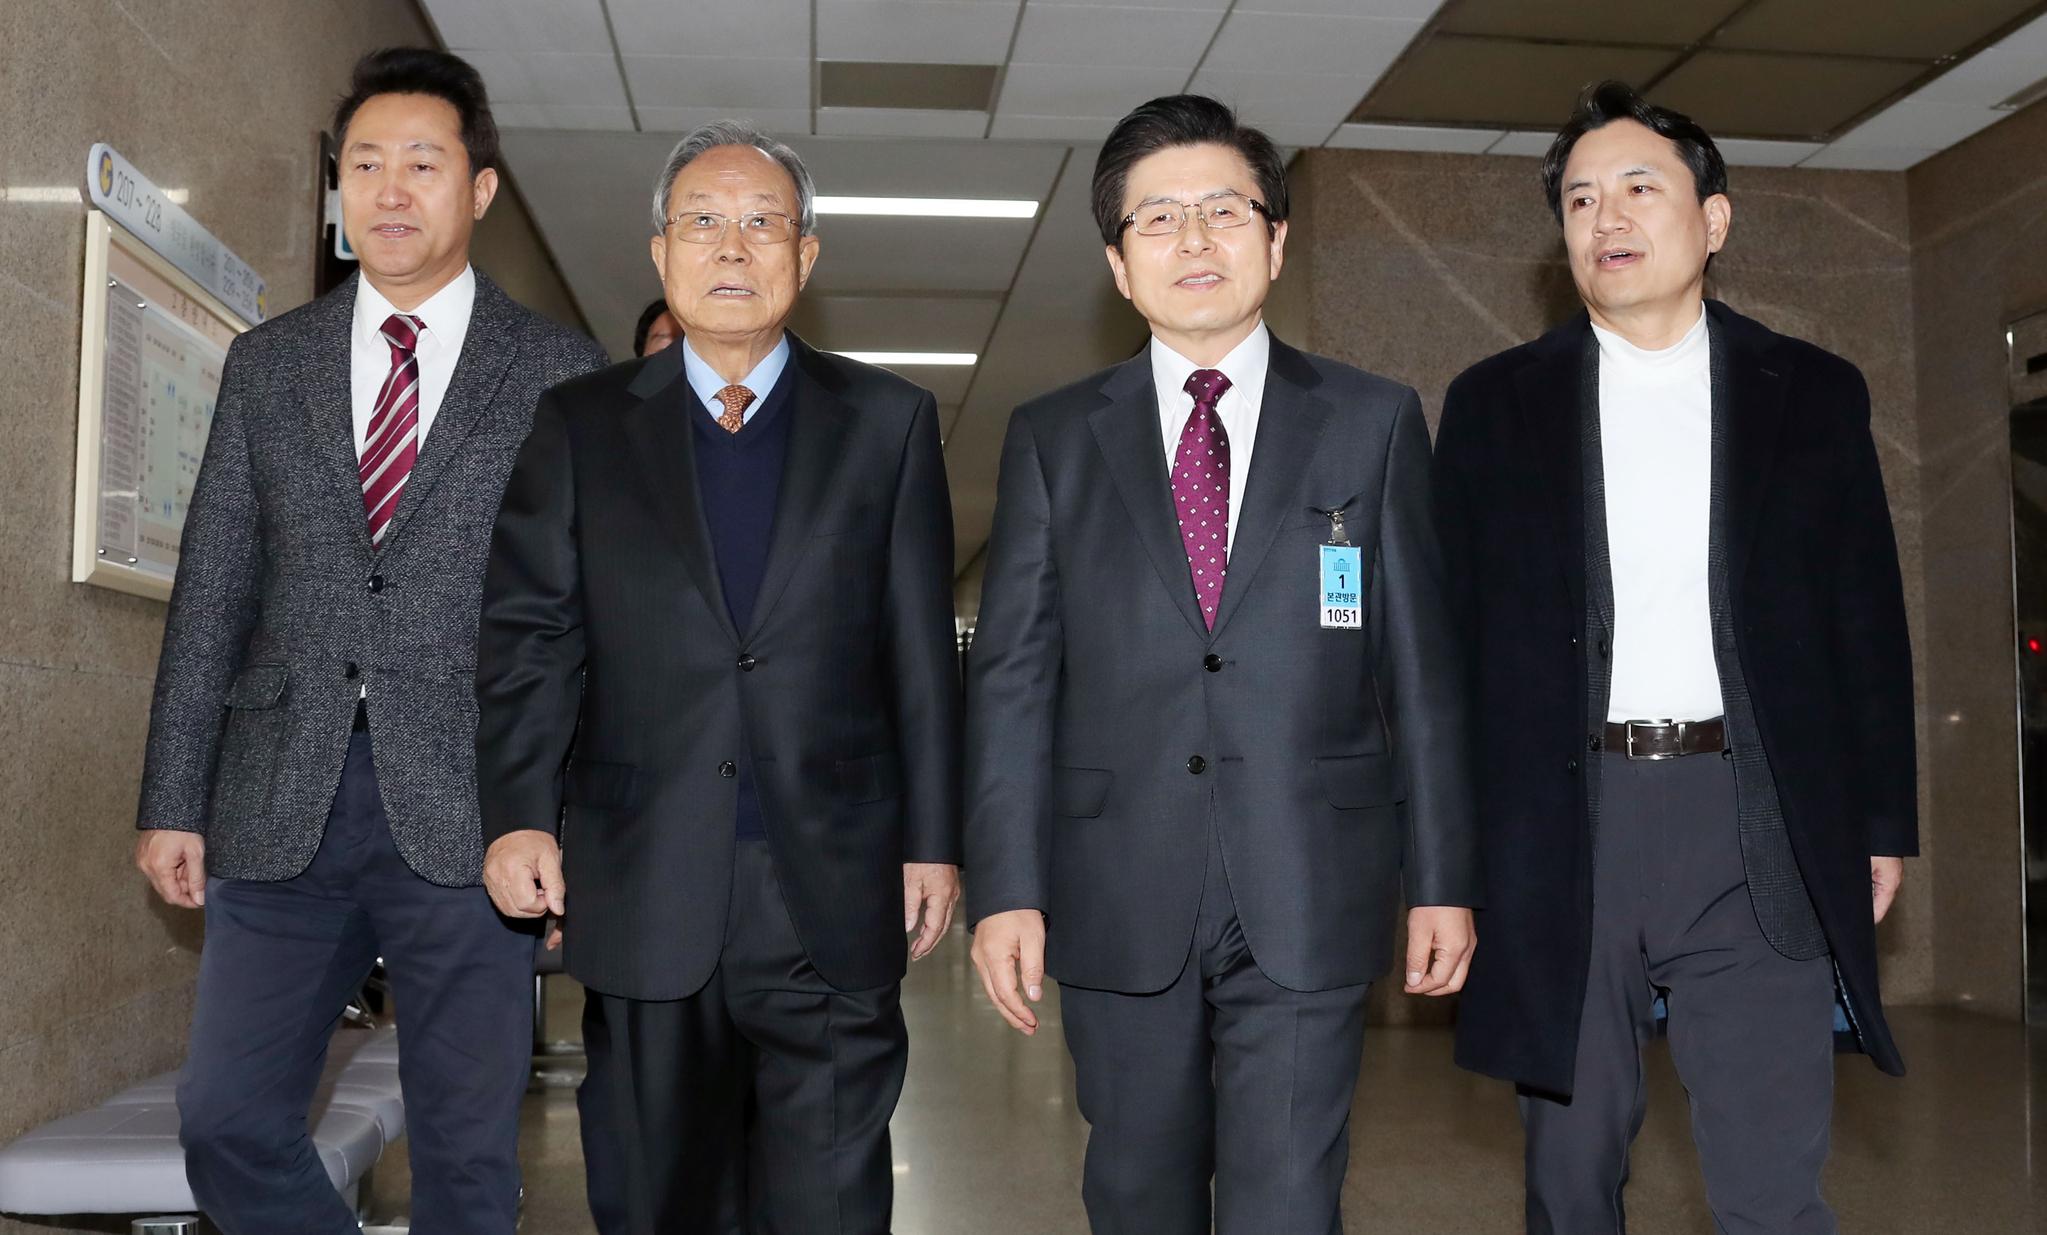 자유한국당 선관위 회의가 13일 오전 국회에서 열렸다. 오세훈 후보, 박관용 선관위 위원장, 황교안, 김진태 후보(왼쪽부터)가 회의장으로 이동하고 있다. 변선구 기자